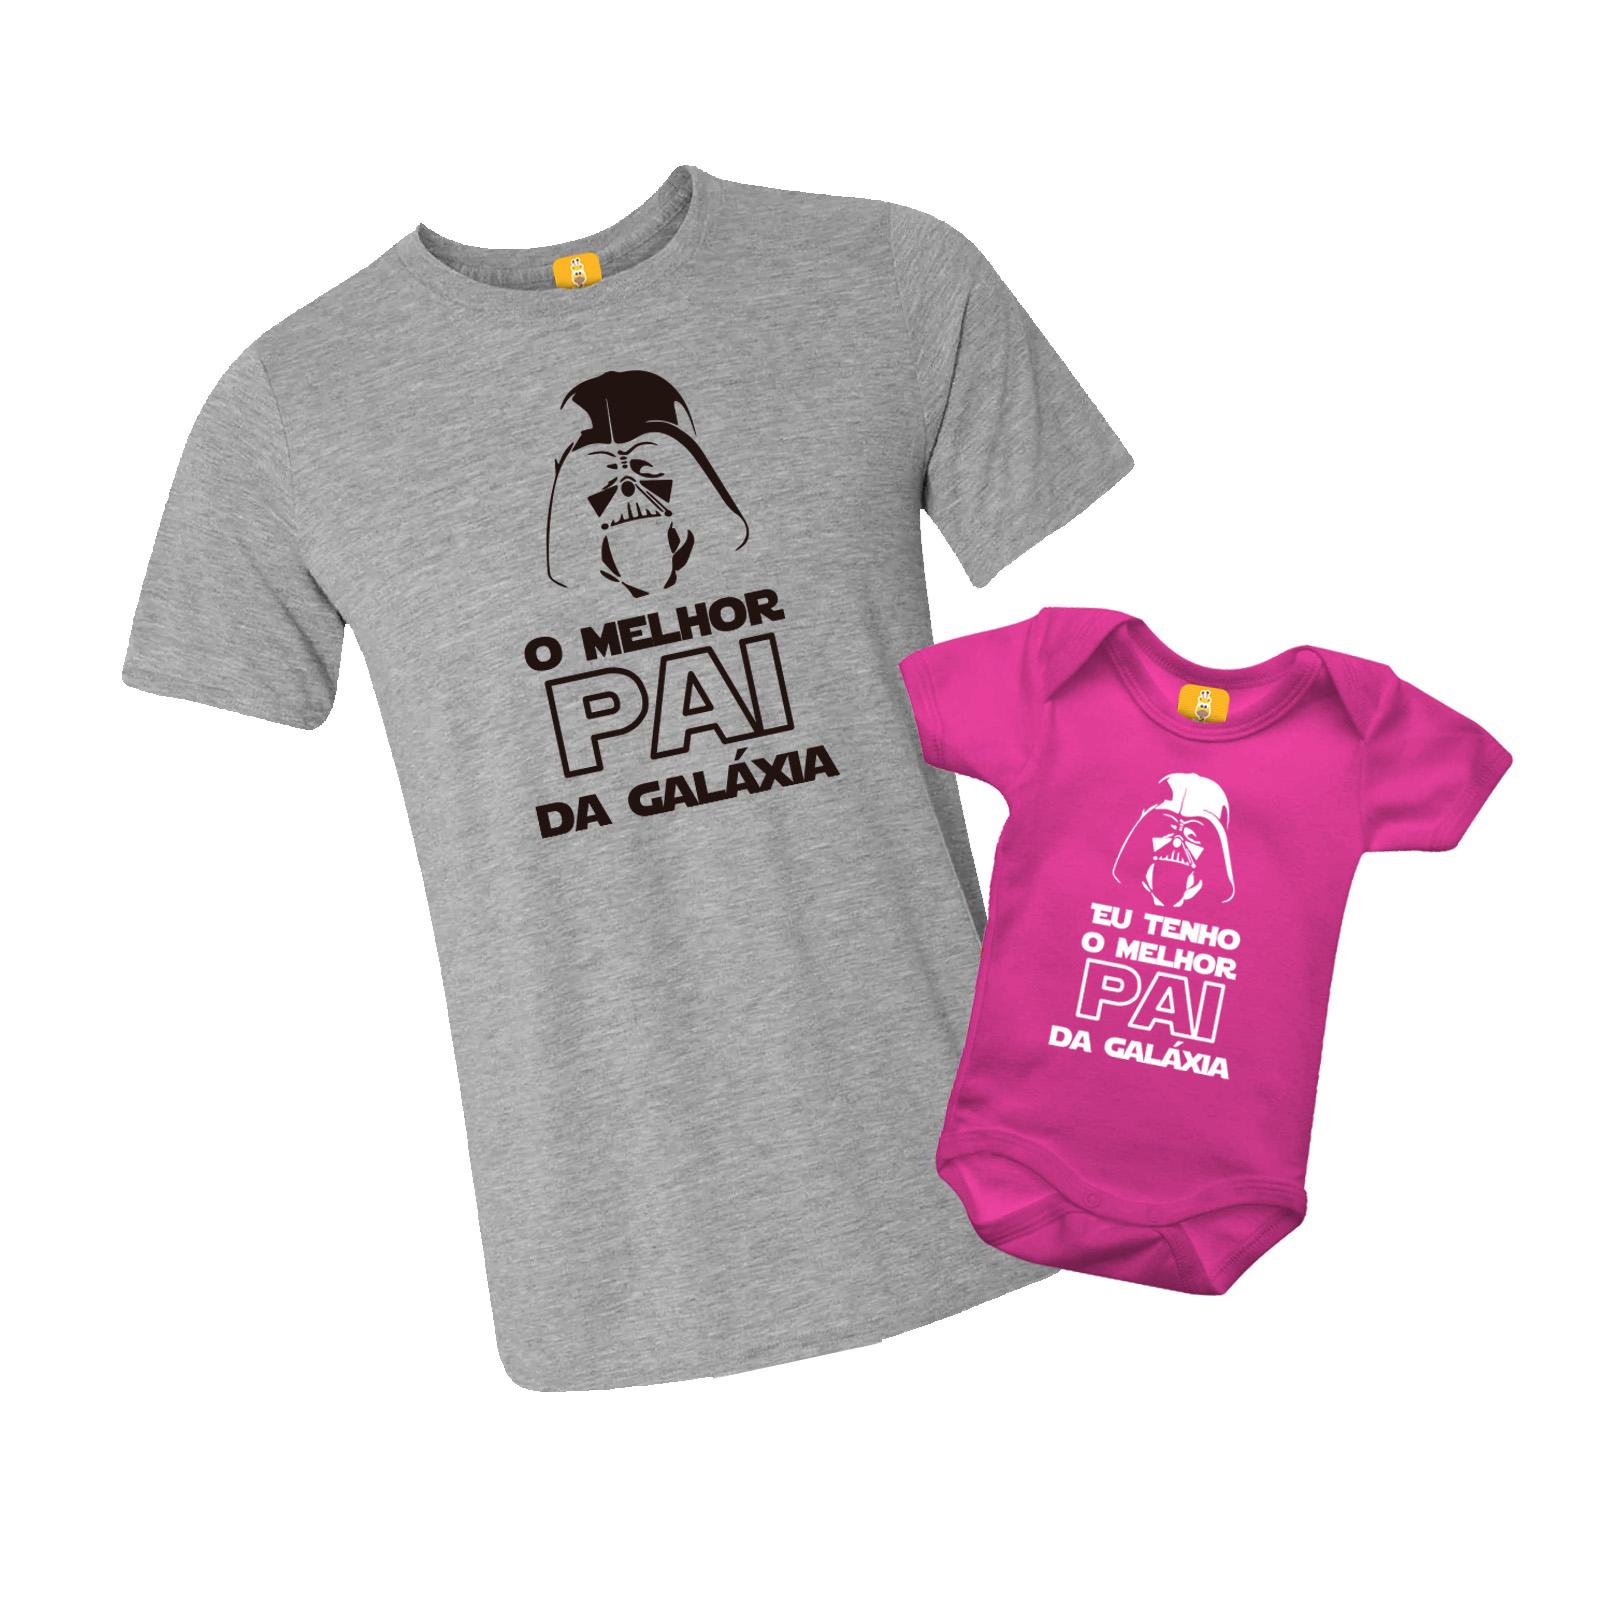 Kit Camiseta E Body Melhor Pai Da Galáxia Star Wars - 2 peças - CORES